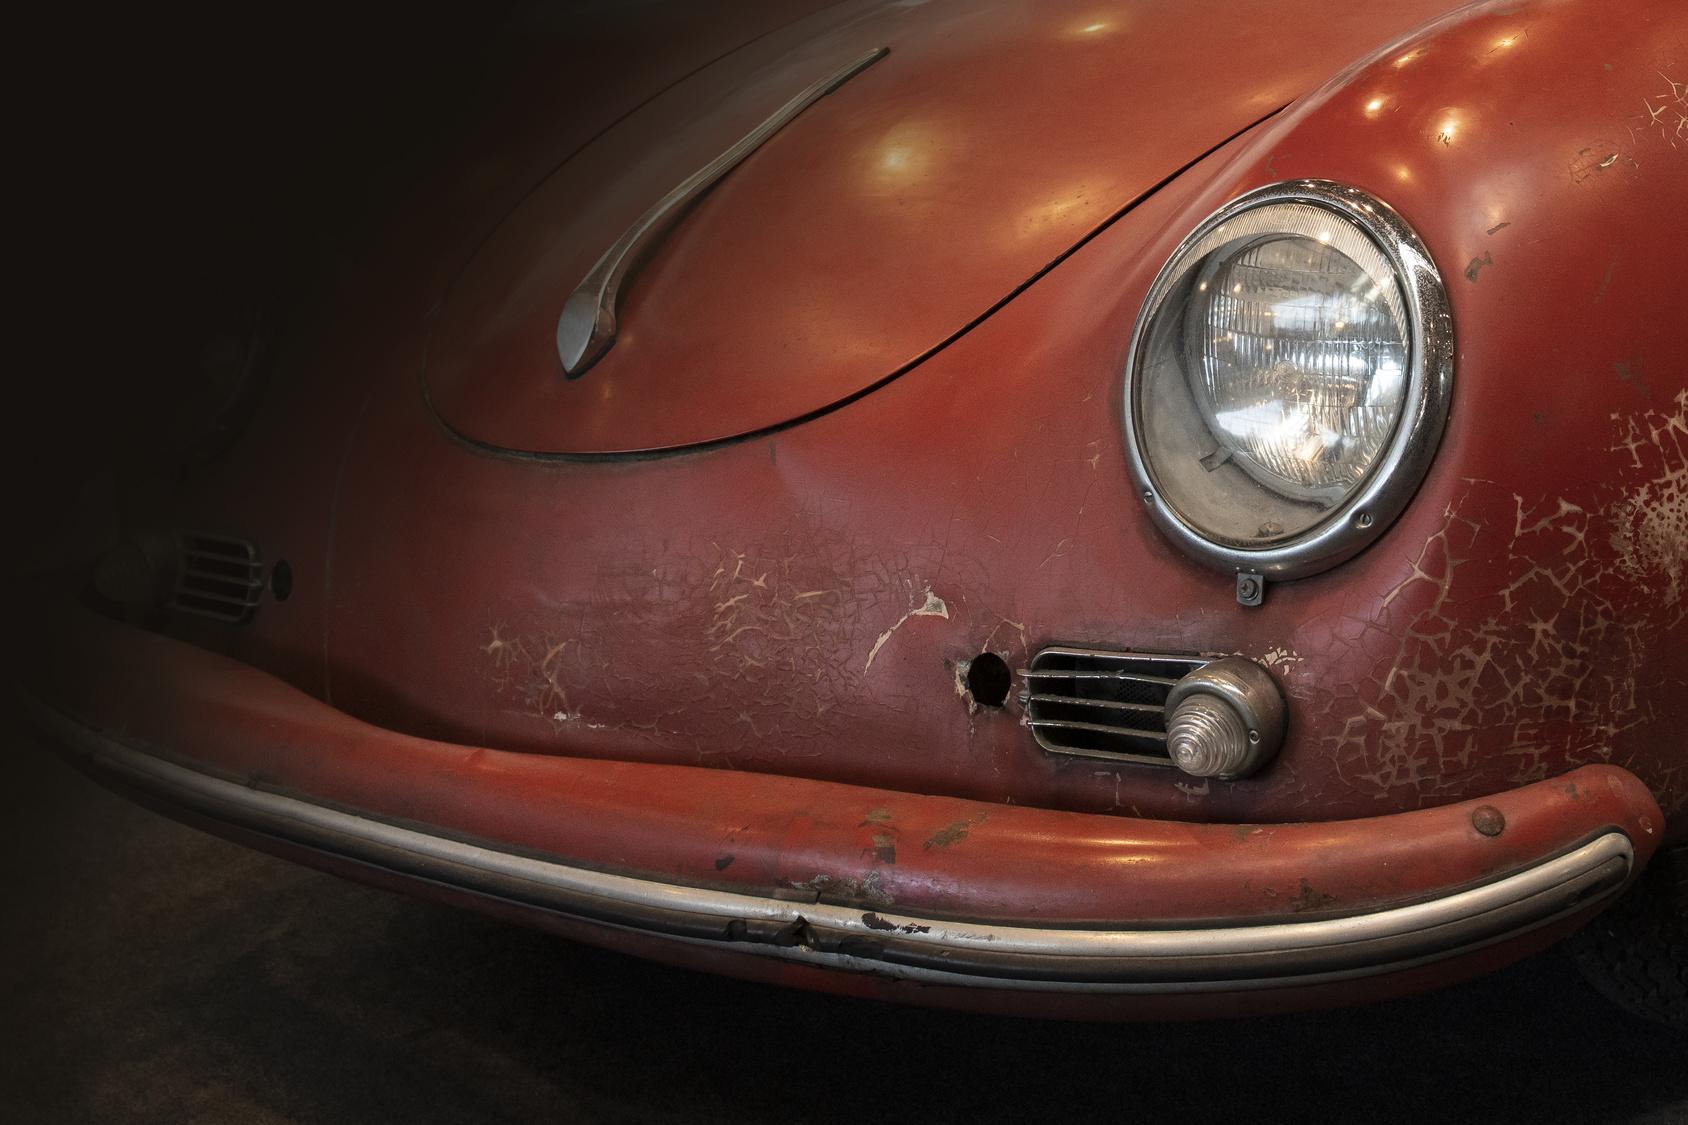 Autothority Classic Porsche | Christchurch Porsche Services